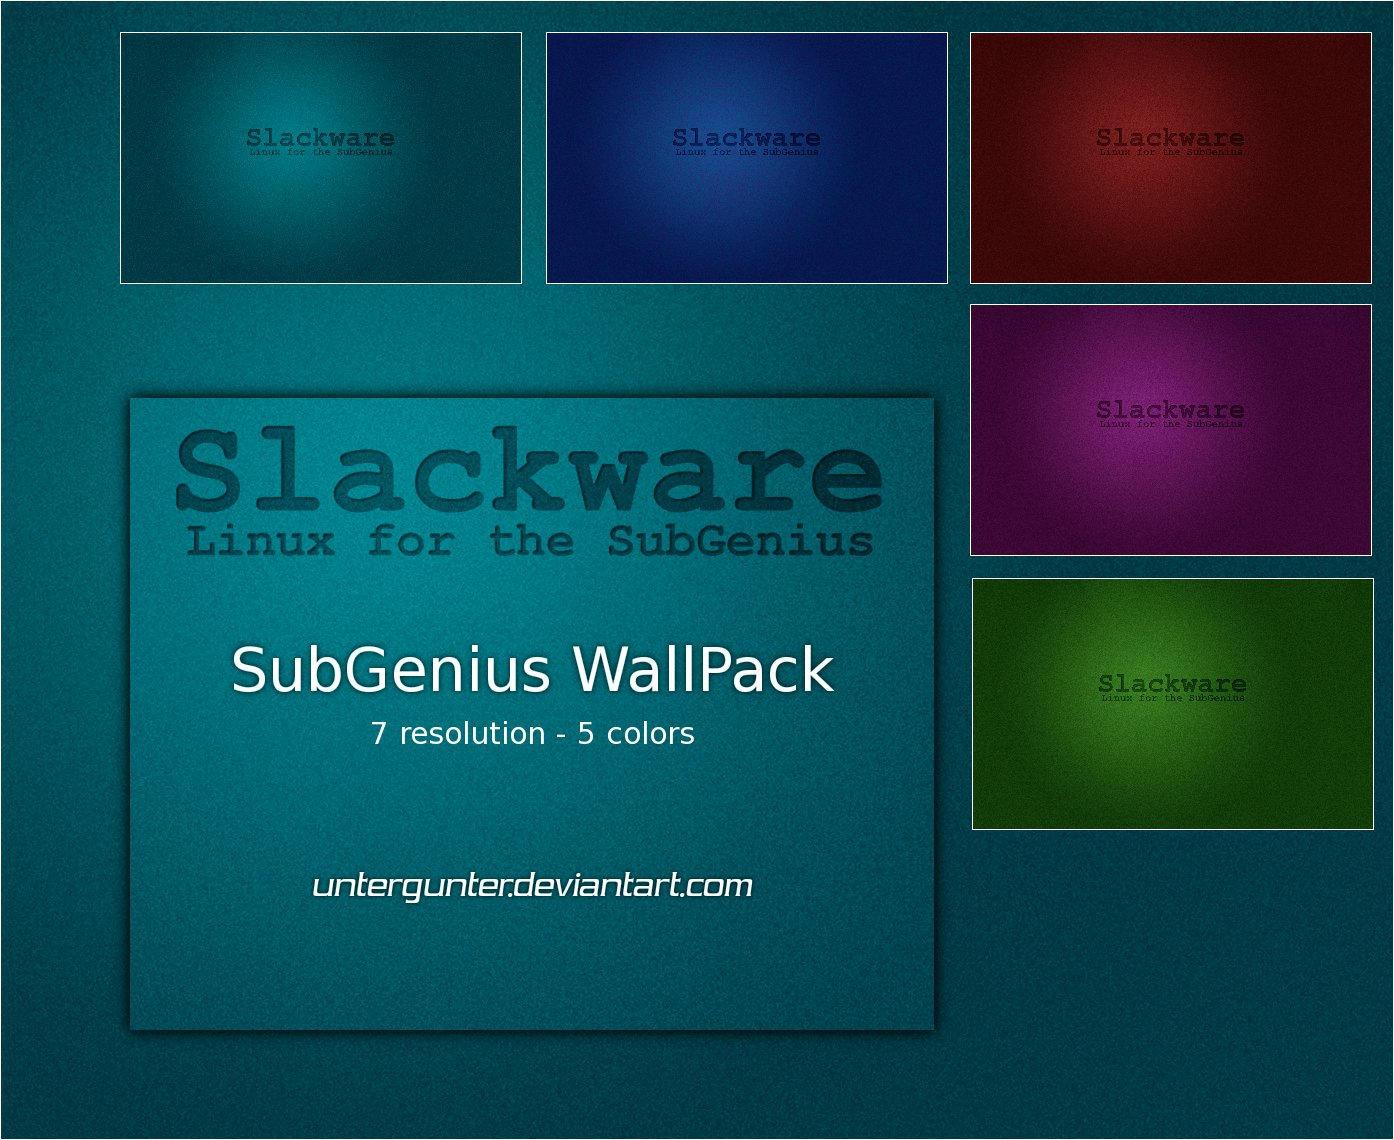 SubGenius WallPack by Untergunter